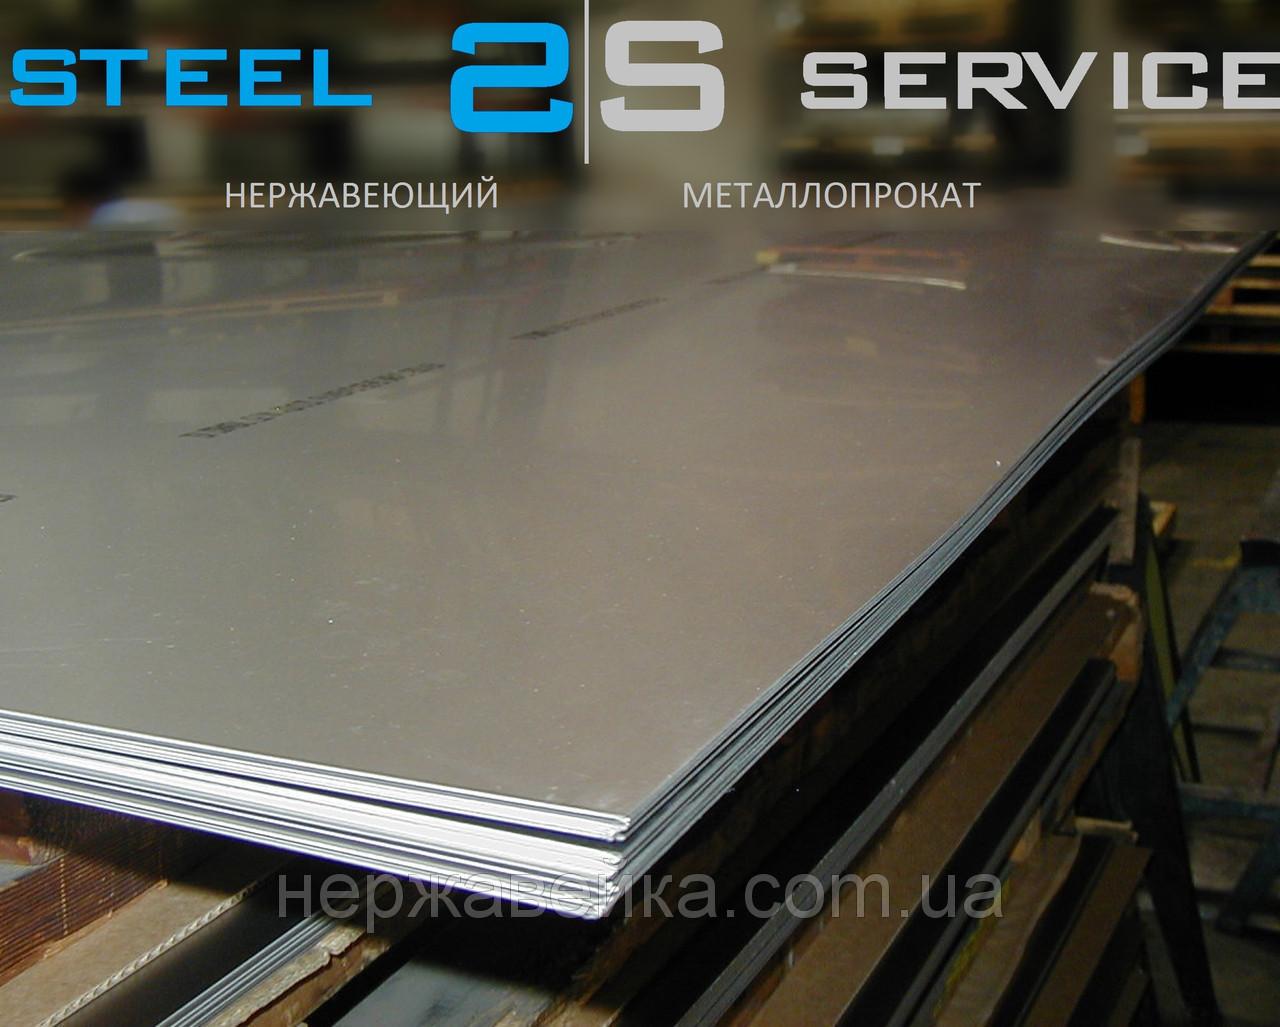 Нержавеющий лист 0,5х1250х2500мм  AISI 309(20Х23Н13, 20Х20Н14С2) 2B - матовый,  жаропрочный